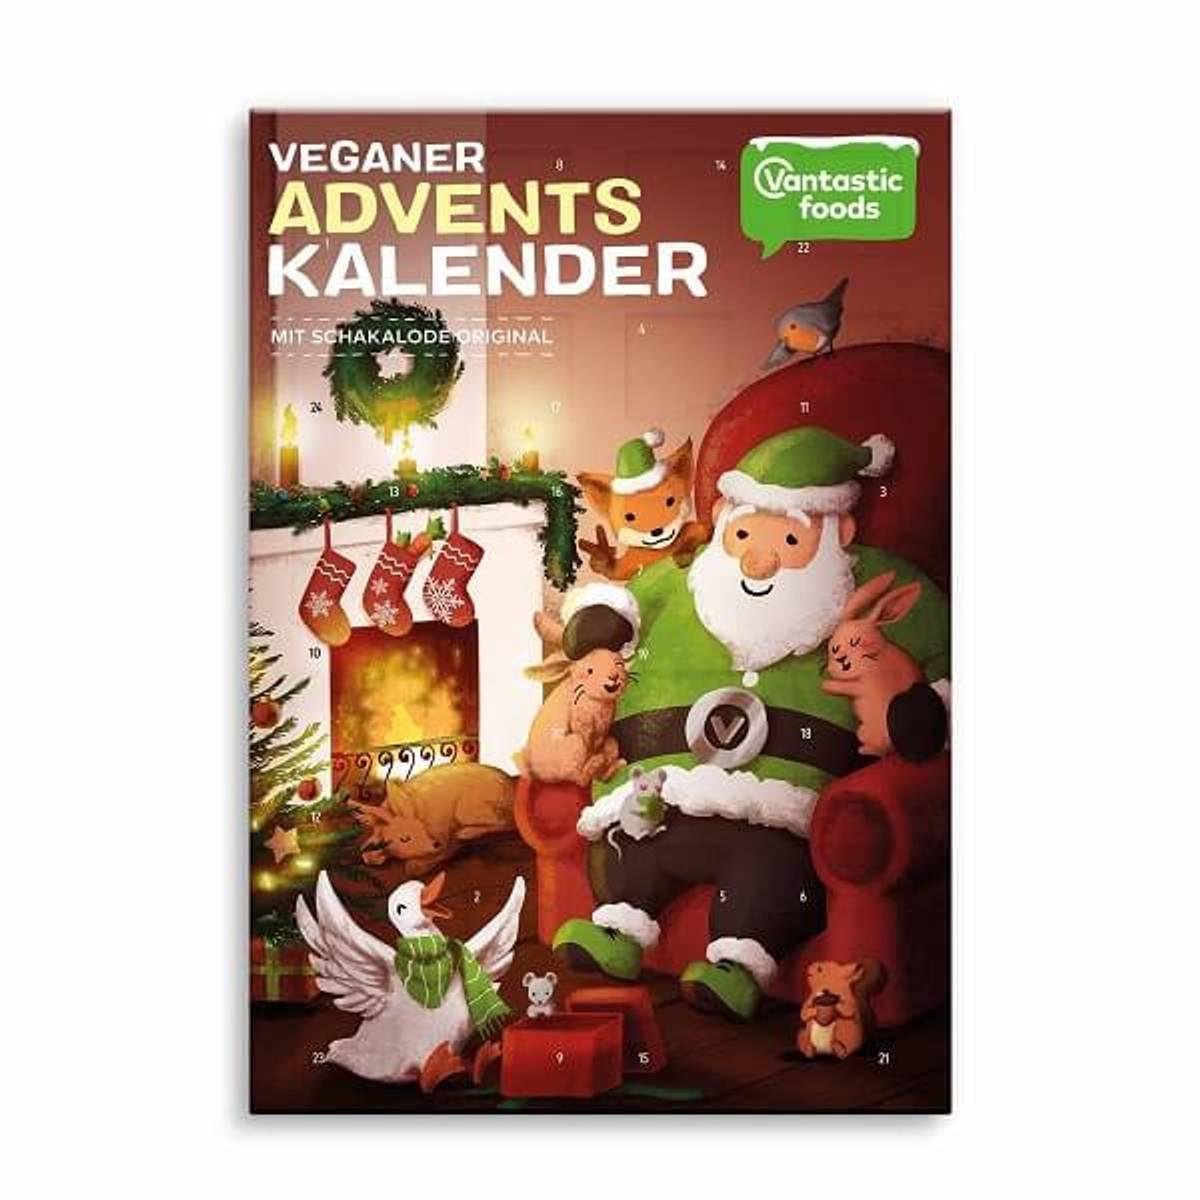 Vantastic Foods - Adventskalender White Chocolate 150g